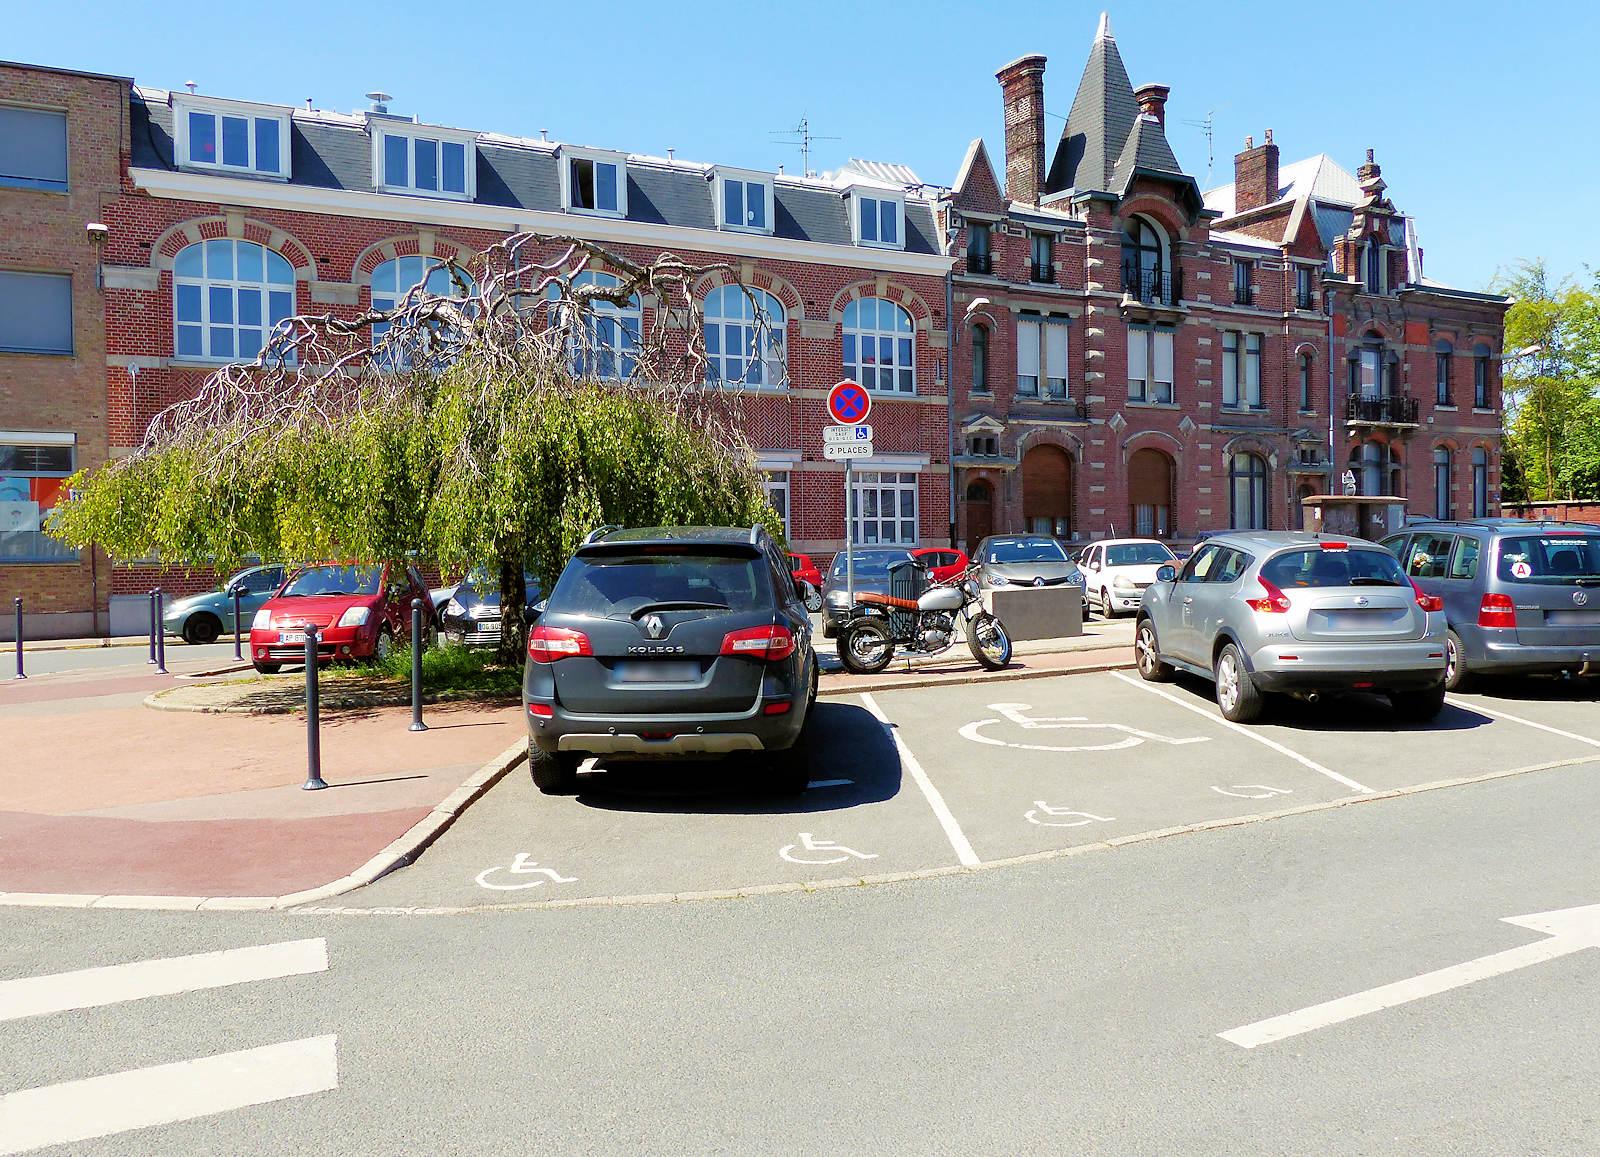 Stationnement Tourcoing - Place du Théâtre, places handicapés